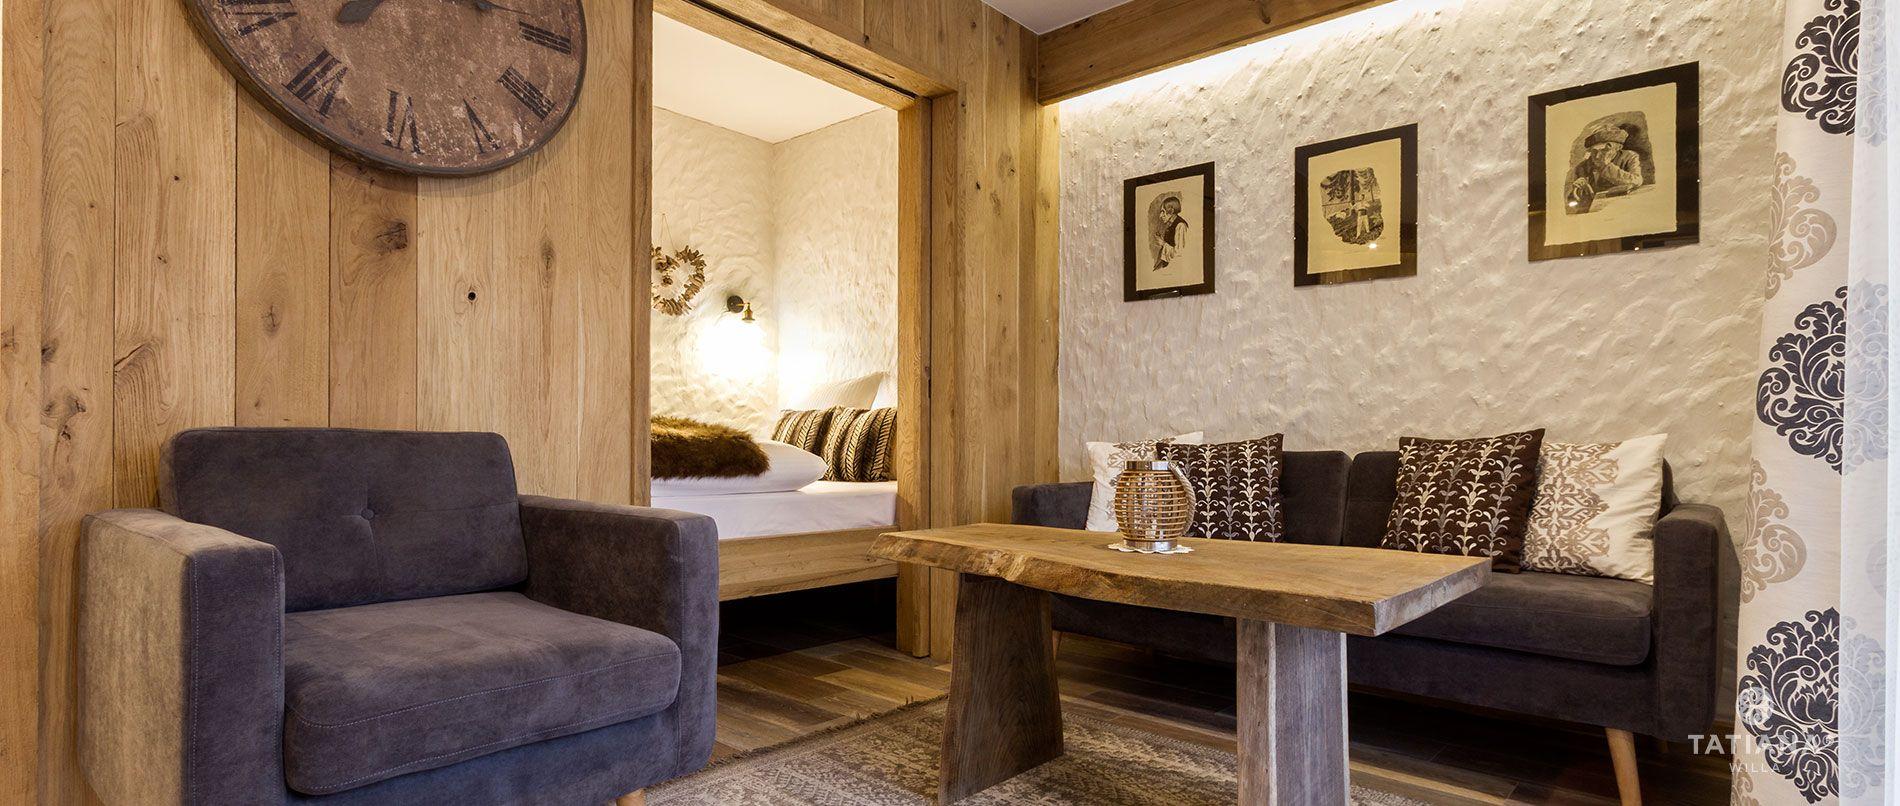 Apartament Stary Dębowy - salon wraz z drugą sypialnią